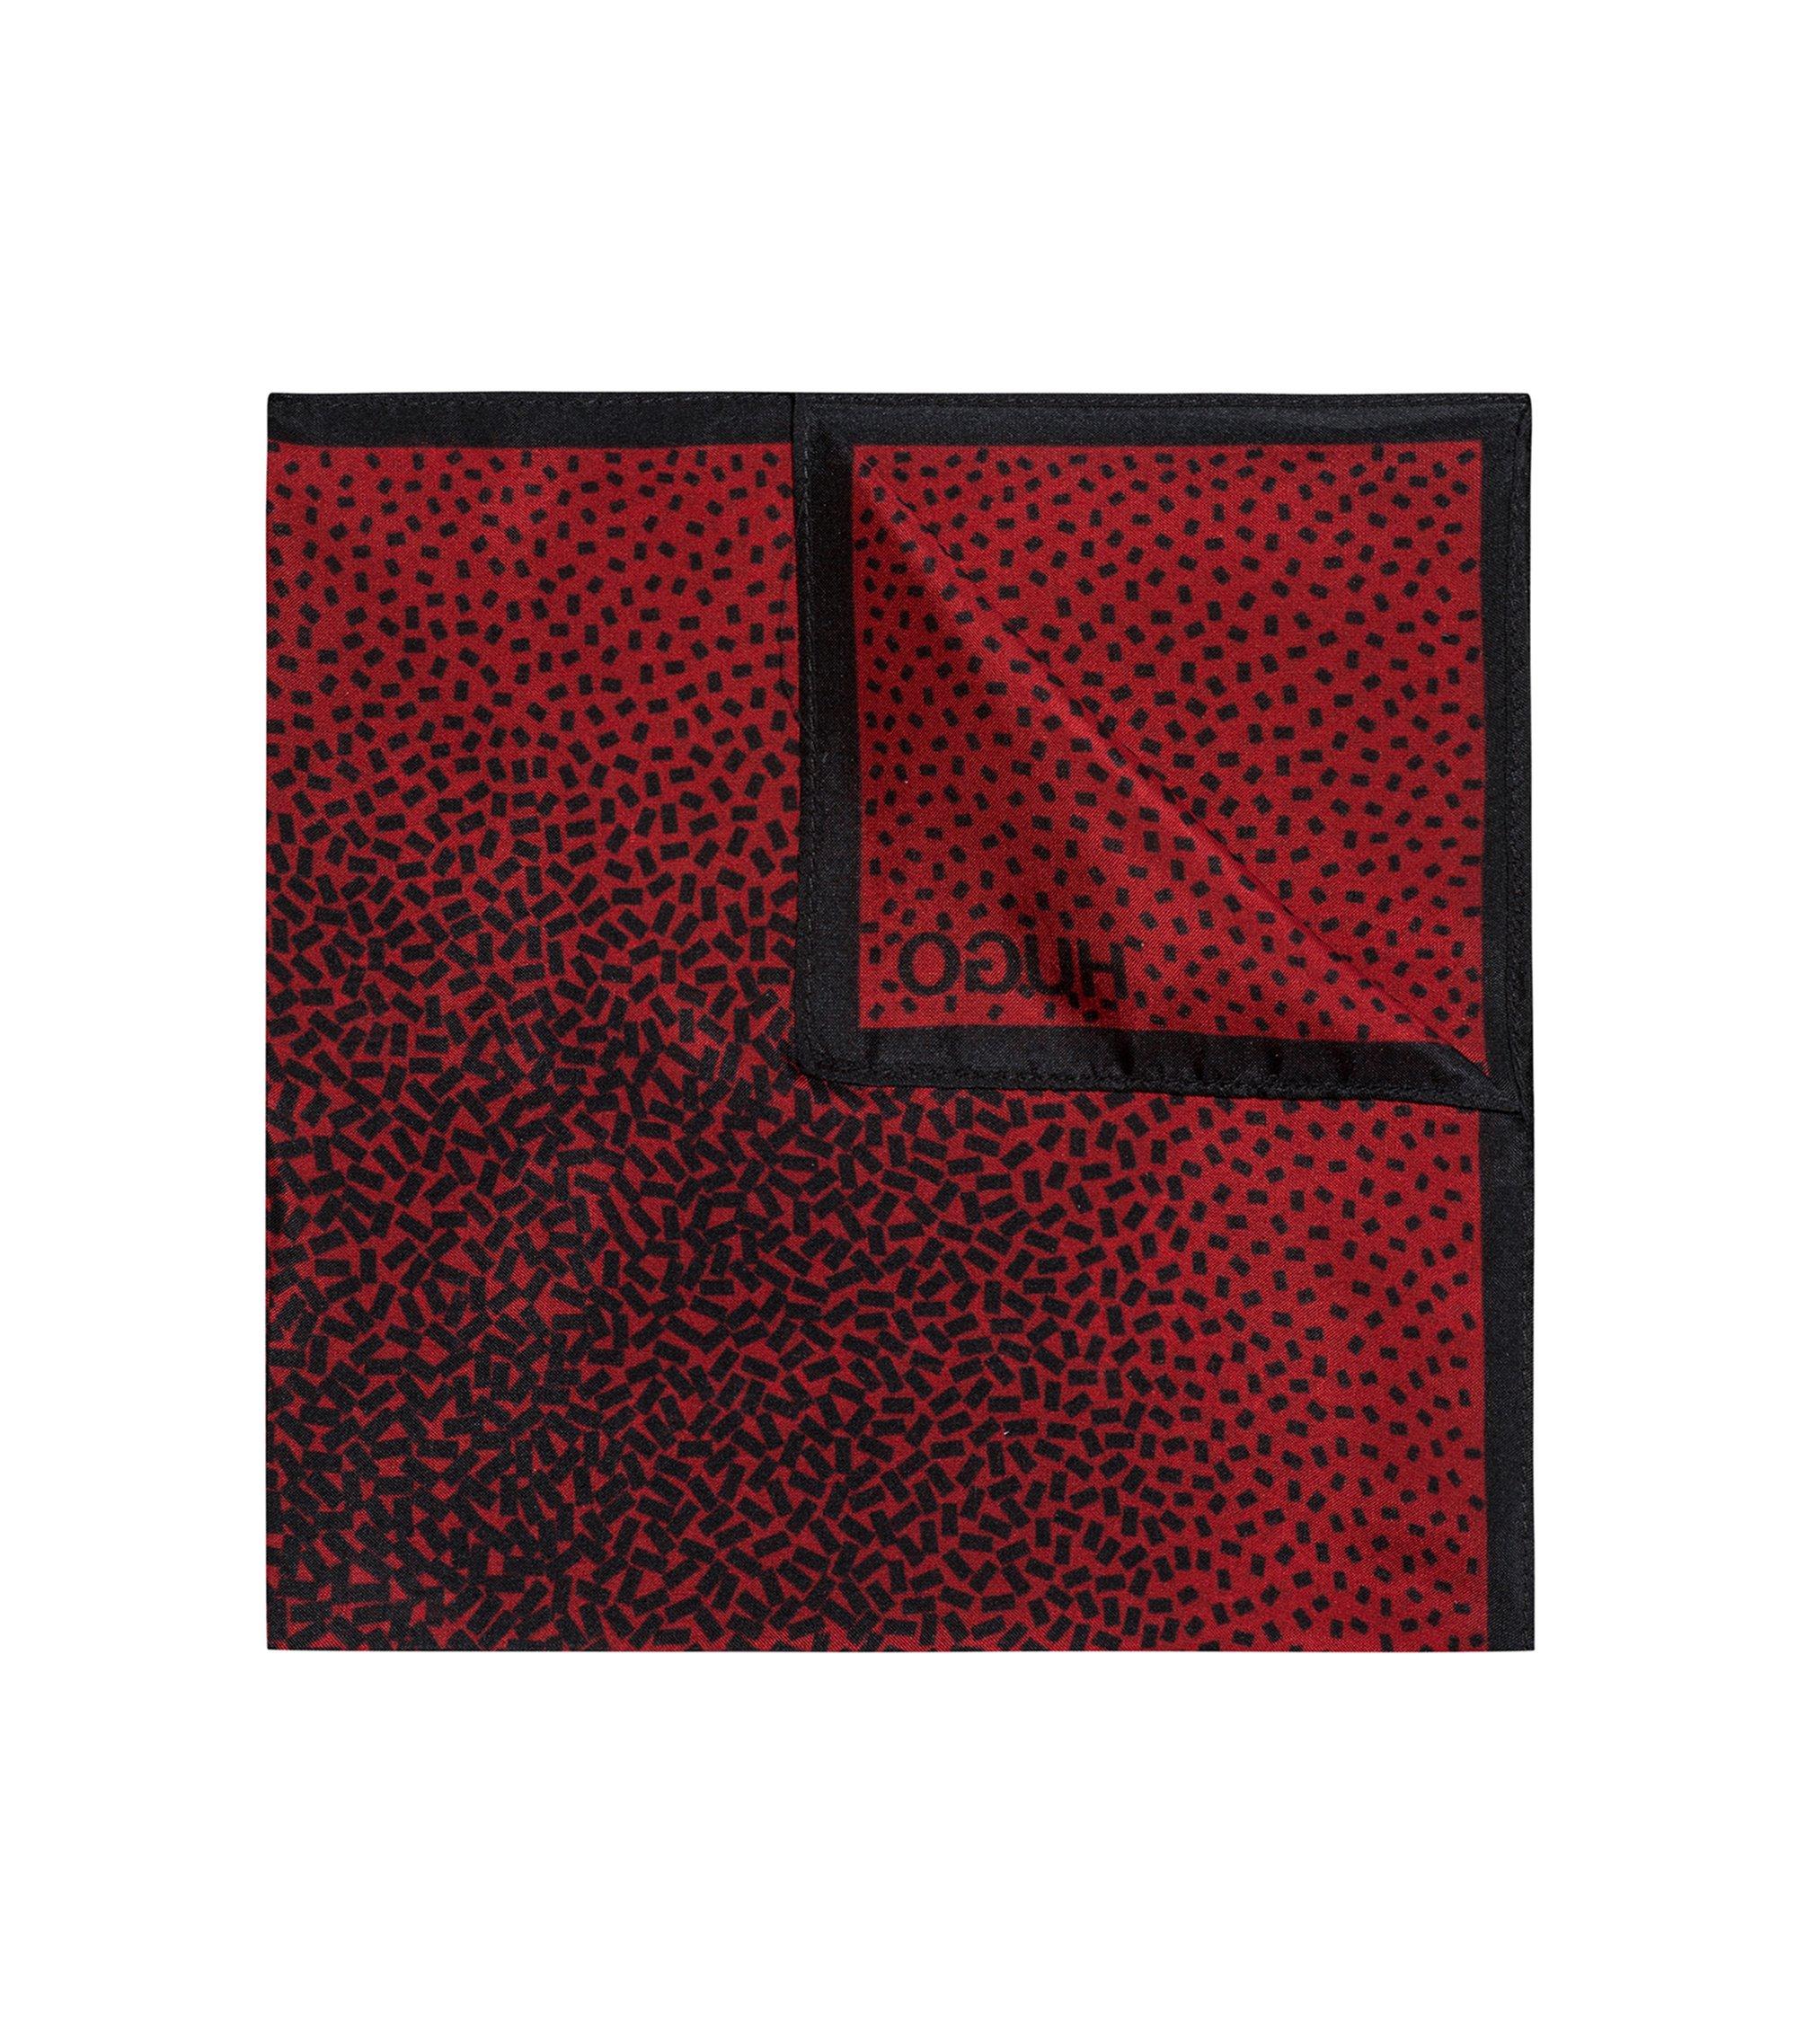 Einstecktuch aus Seiden-Chiffon mit geometrischem Muster , Rot